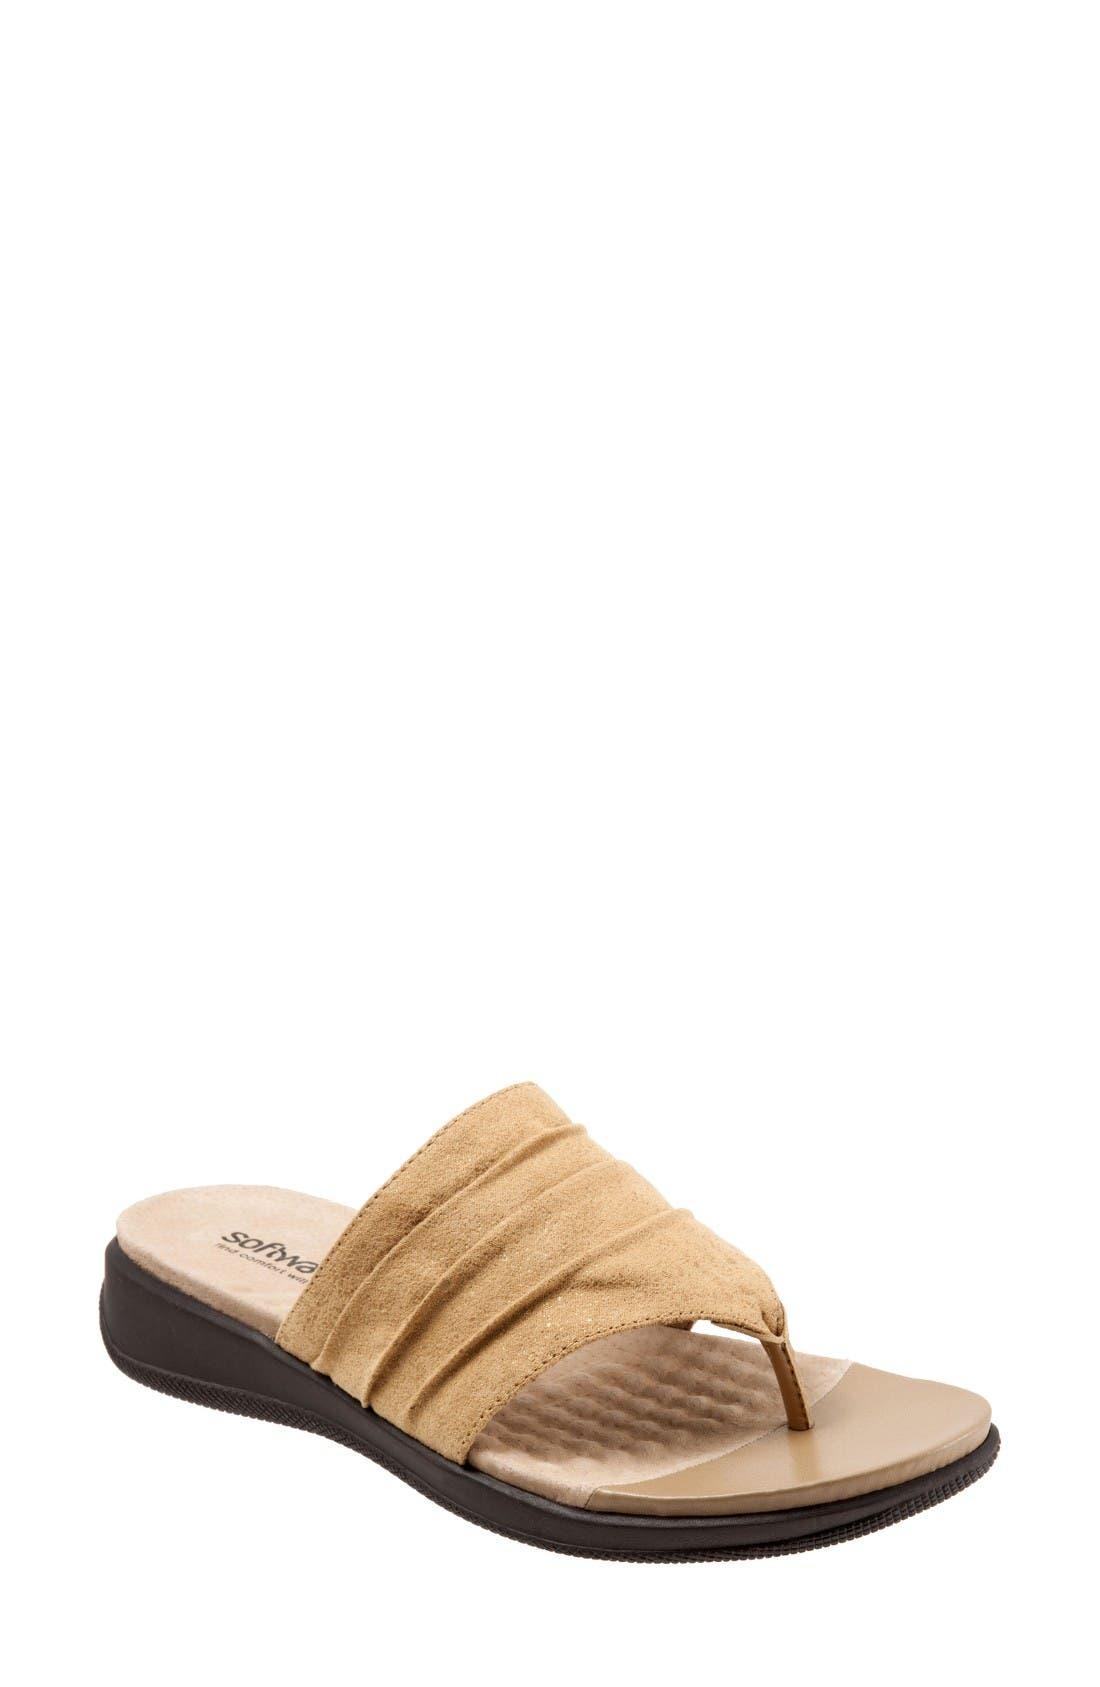 Main Image - SoftWalk® 'Toma' Thong Sandal (Women)